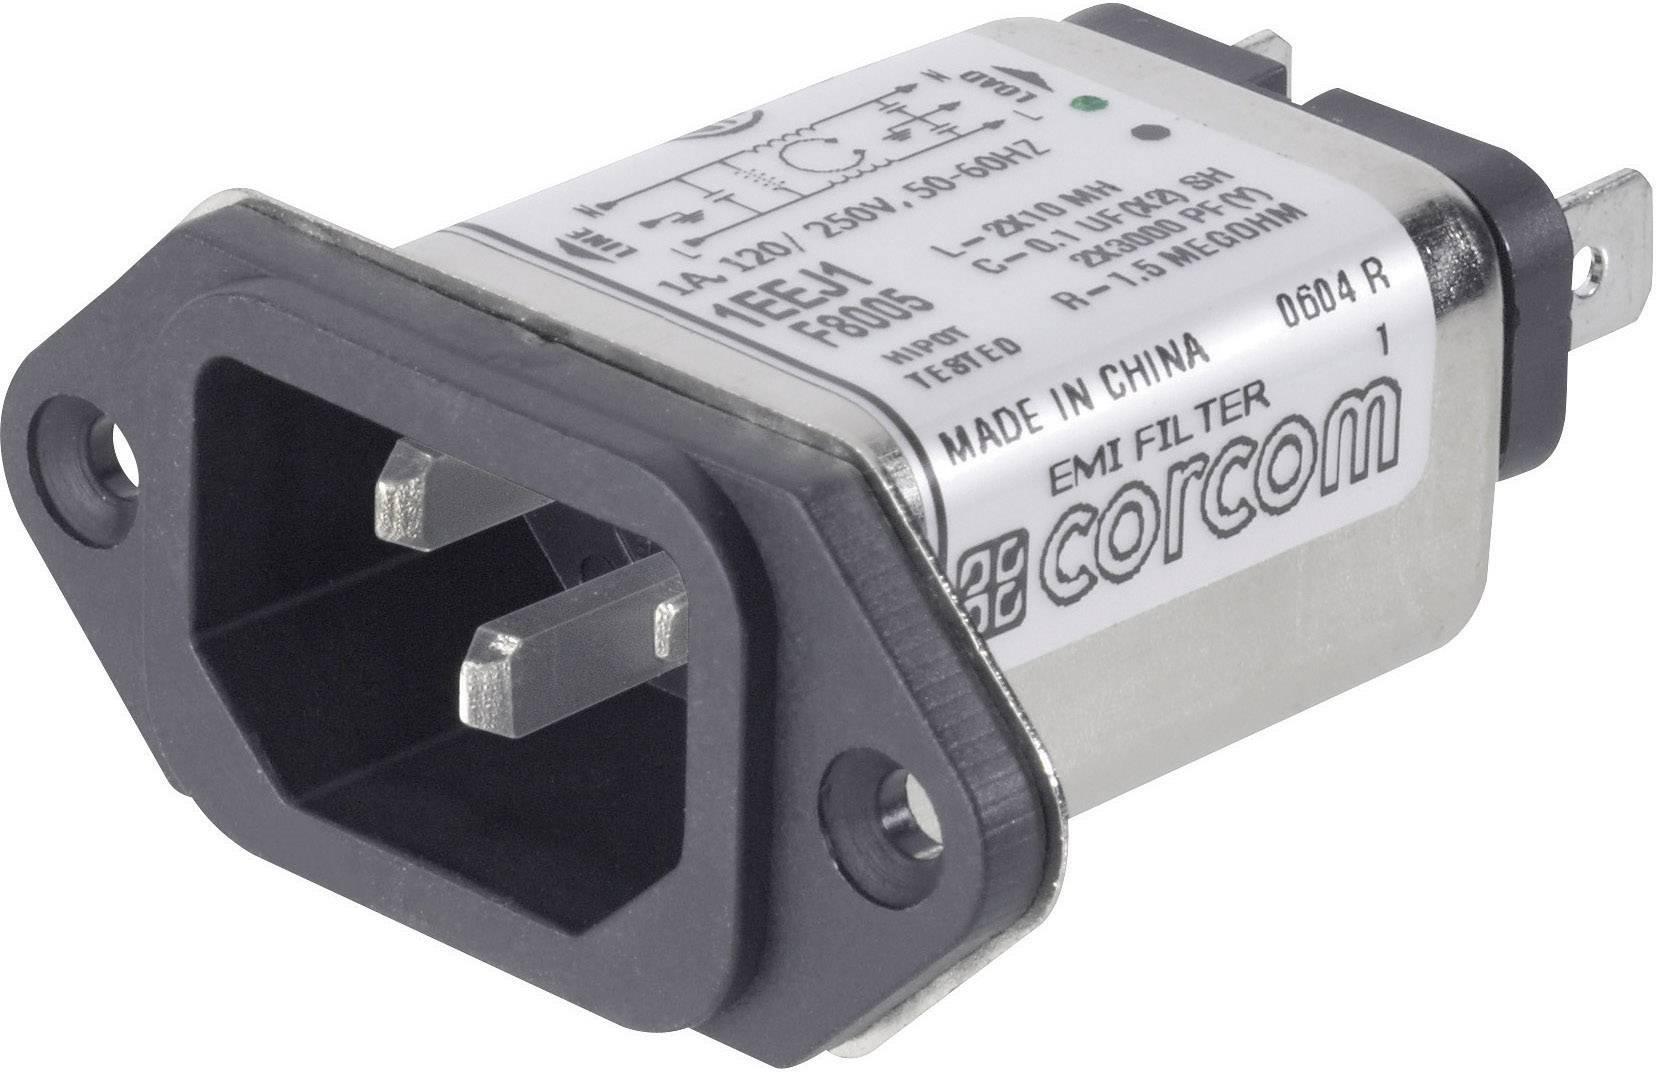 Sieťový filter TE Connectivity 1-6609006-9 1-6609006-9, s IEC zásuvkou, 250 V/AC, 10 A, 0.086 mH, 1 ks